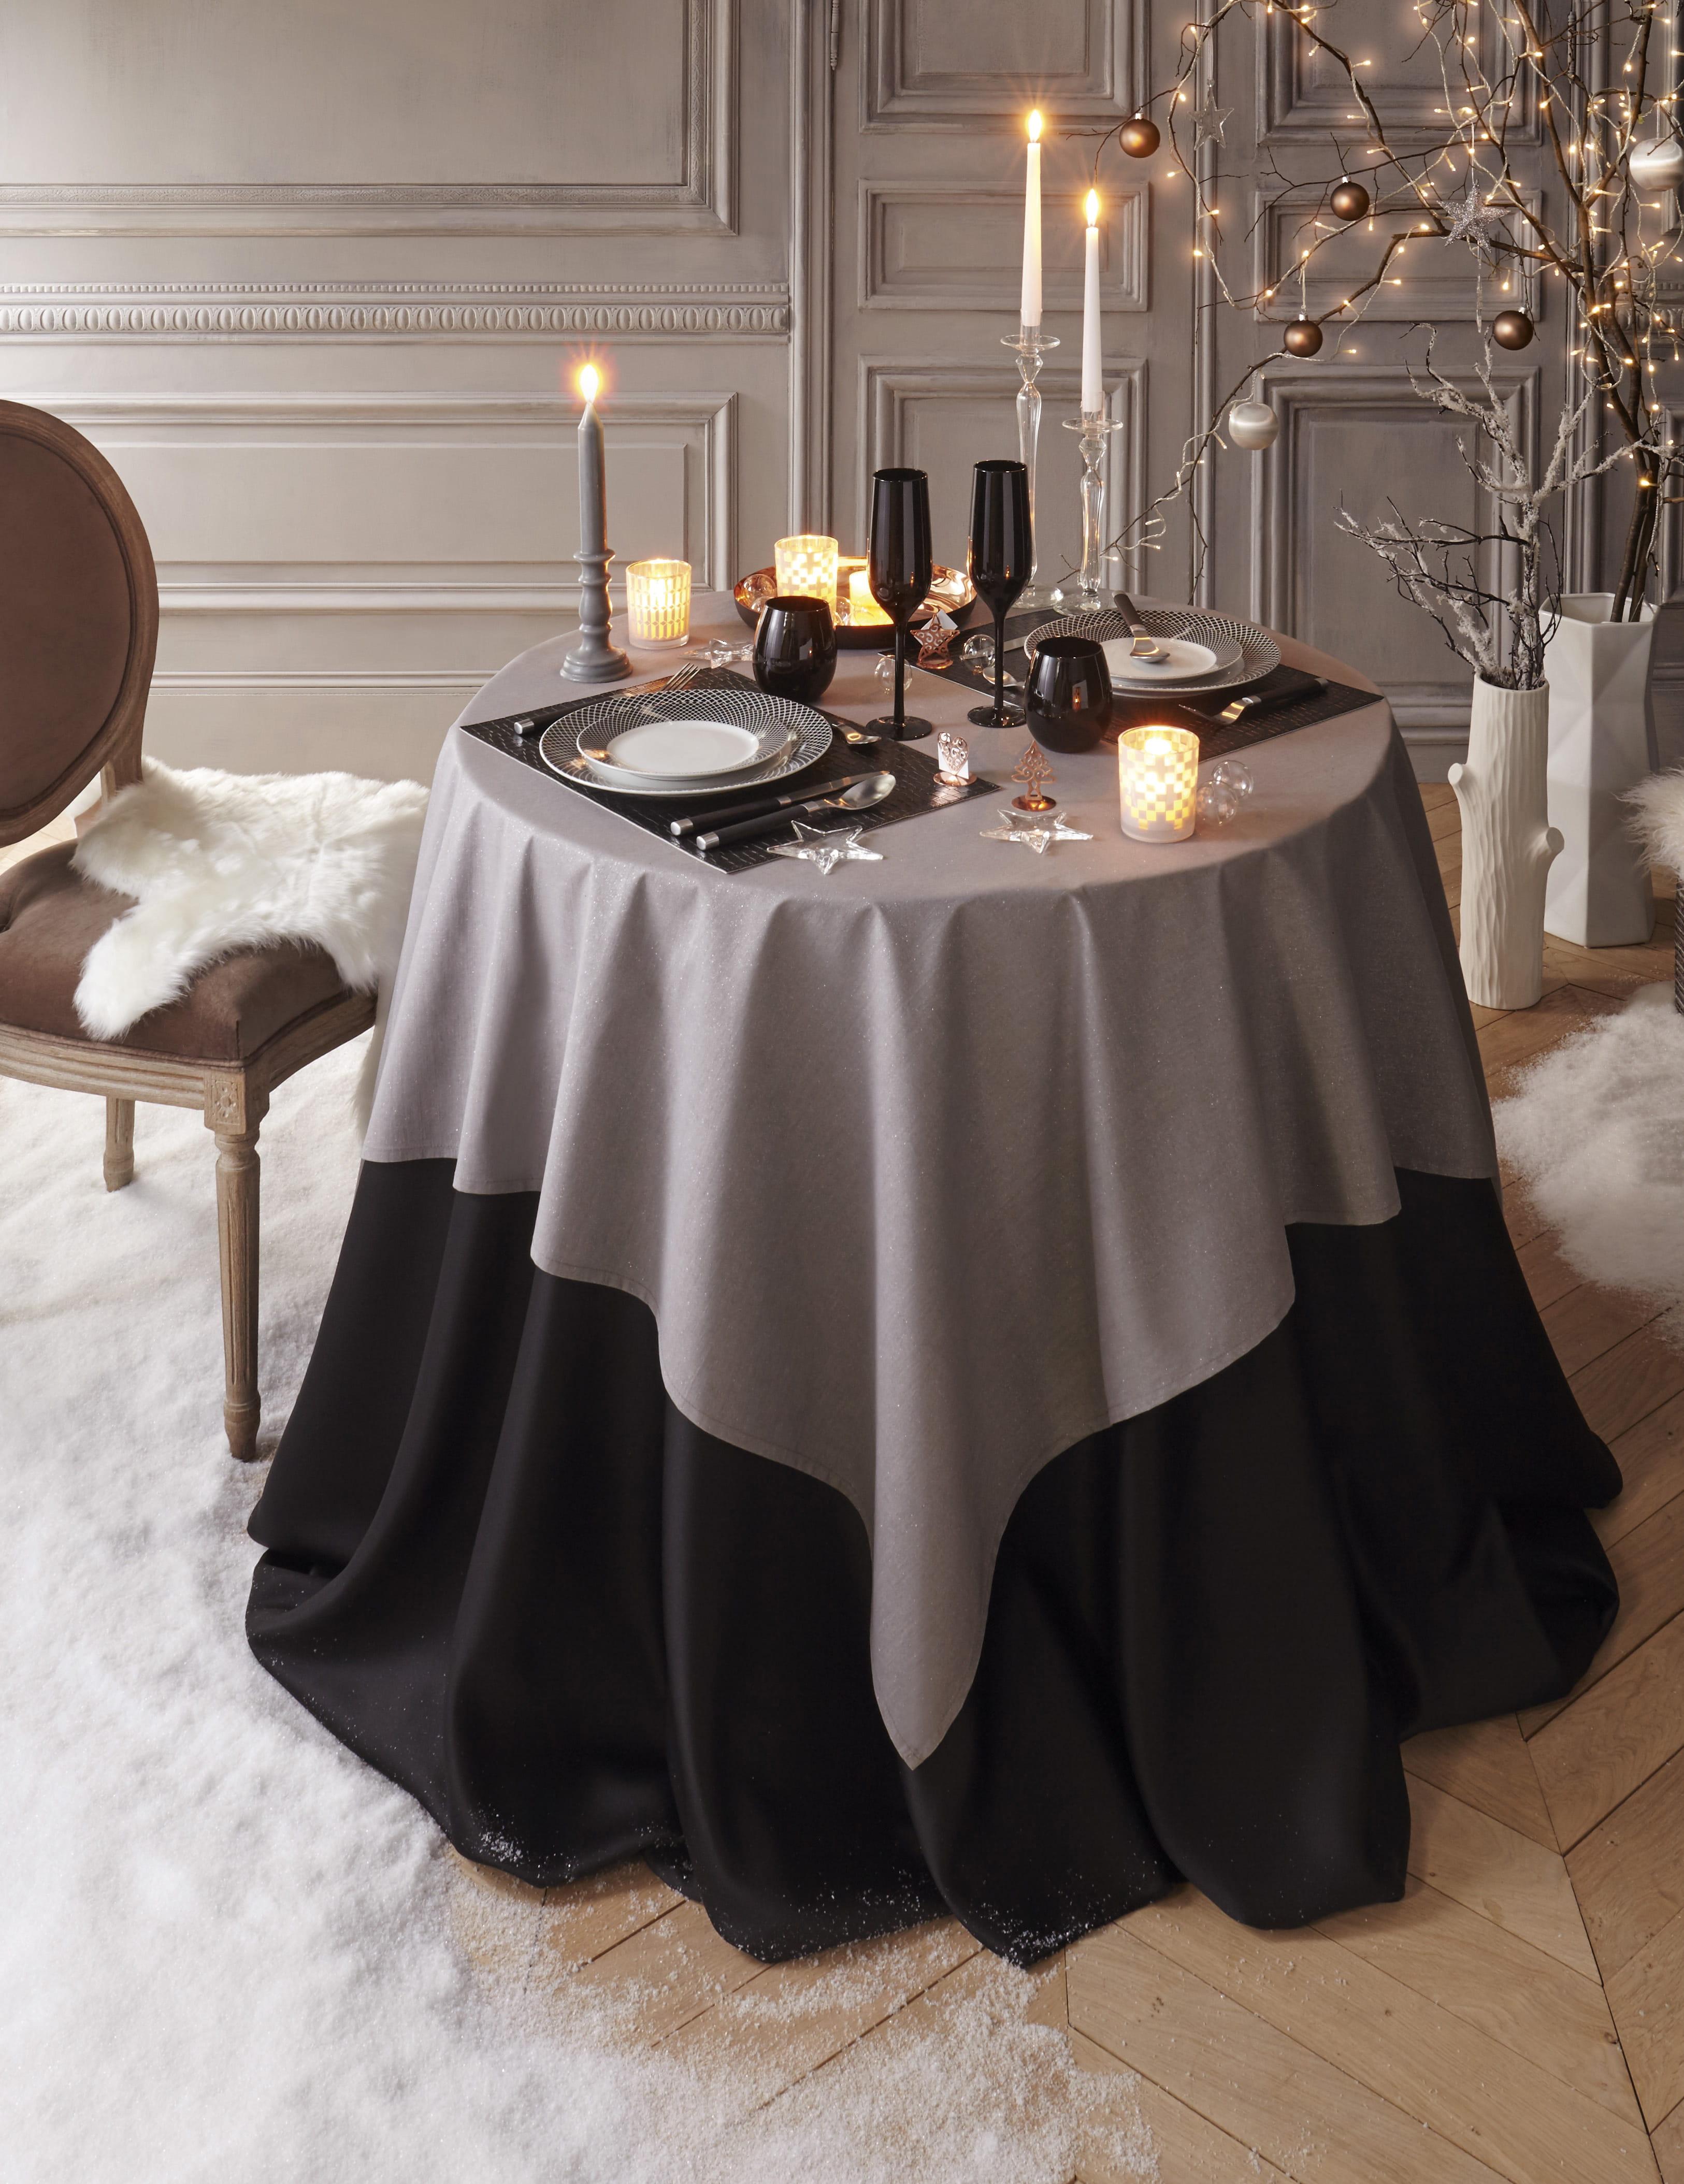 #965D35 Astuces Pour Une Déco Table De Noël Réussie Pictures To  5817 petite deco de noel pas cher 3251x4217 px @ aertt.com